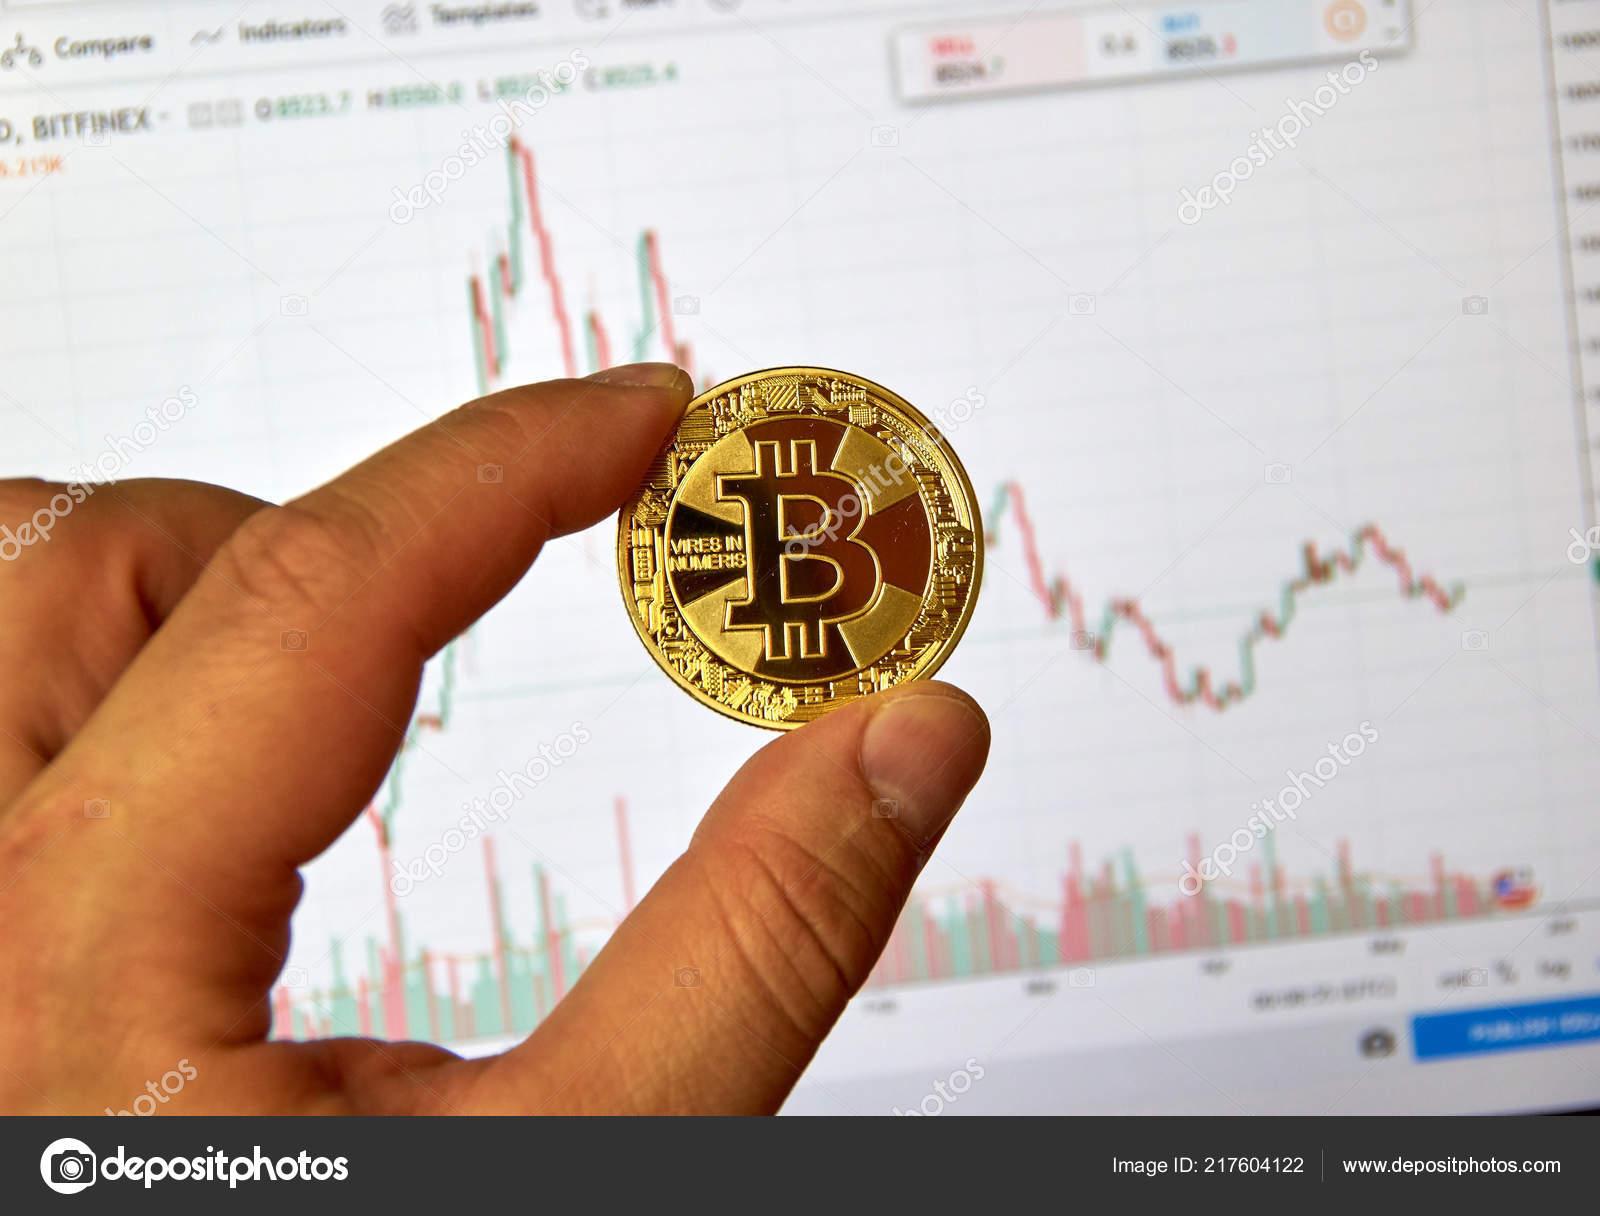 beat game win bitcoin